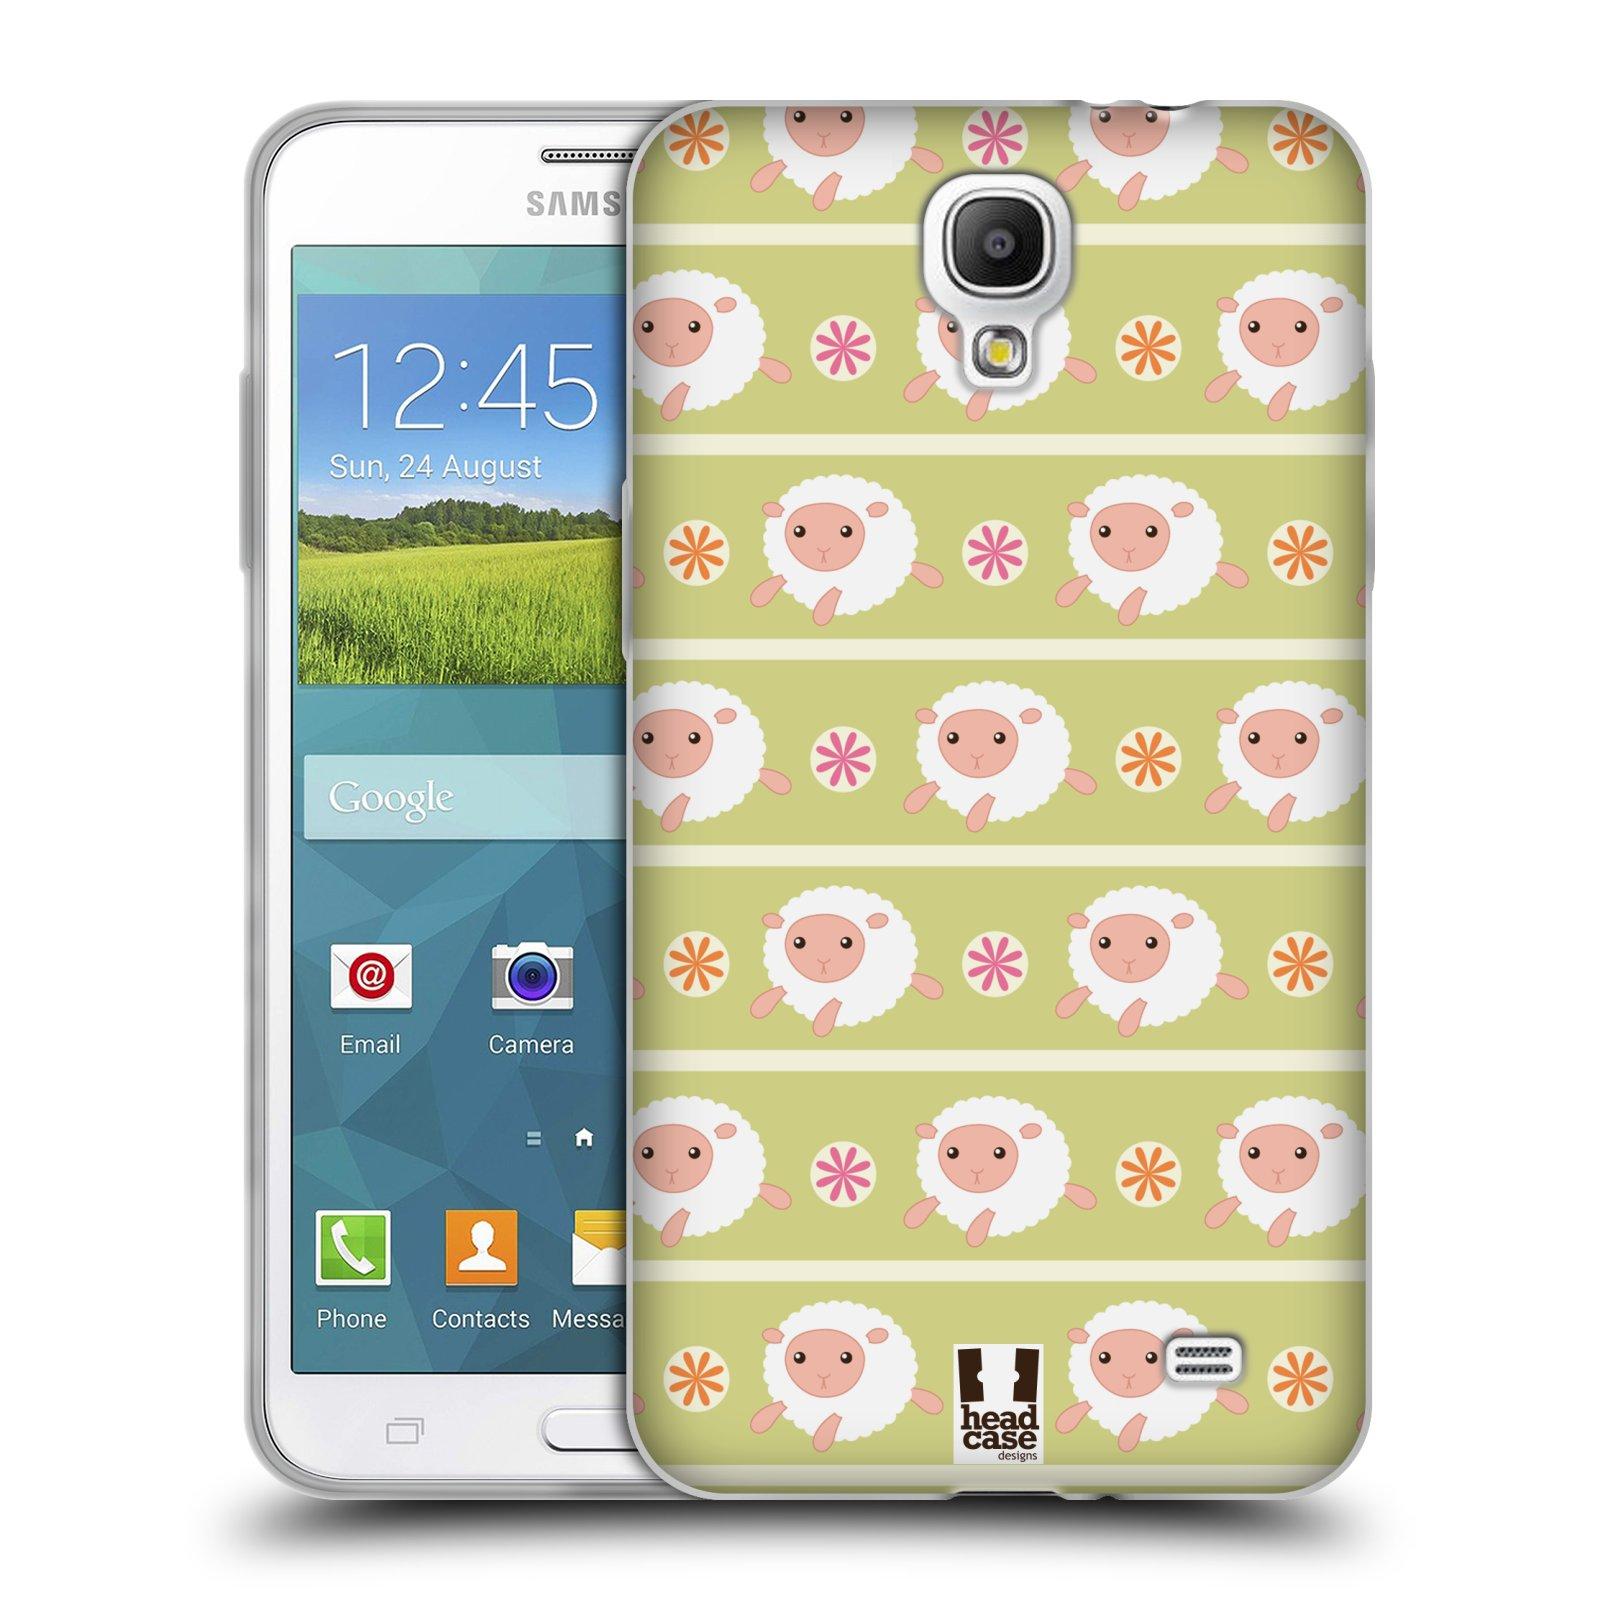 HEAD CASE silikonový obal na mobil Samsung Galaxy Mega 2 vzor roztomilé zvířecí vzory ovečky